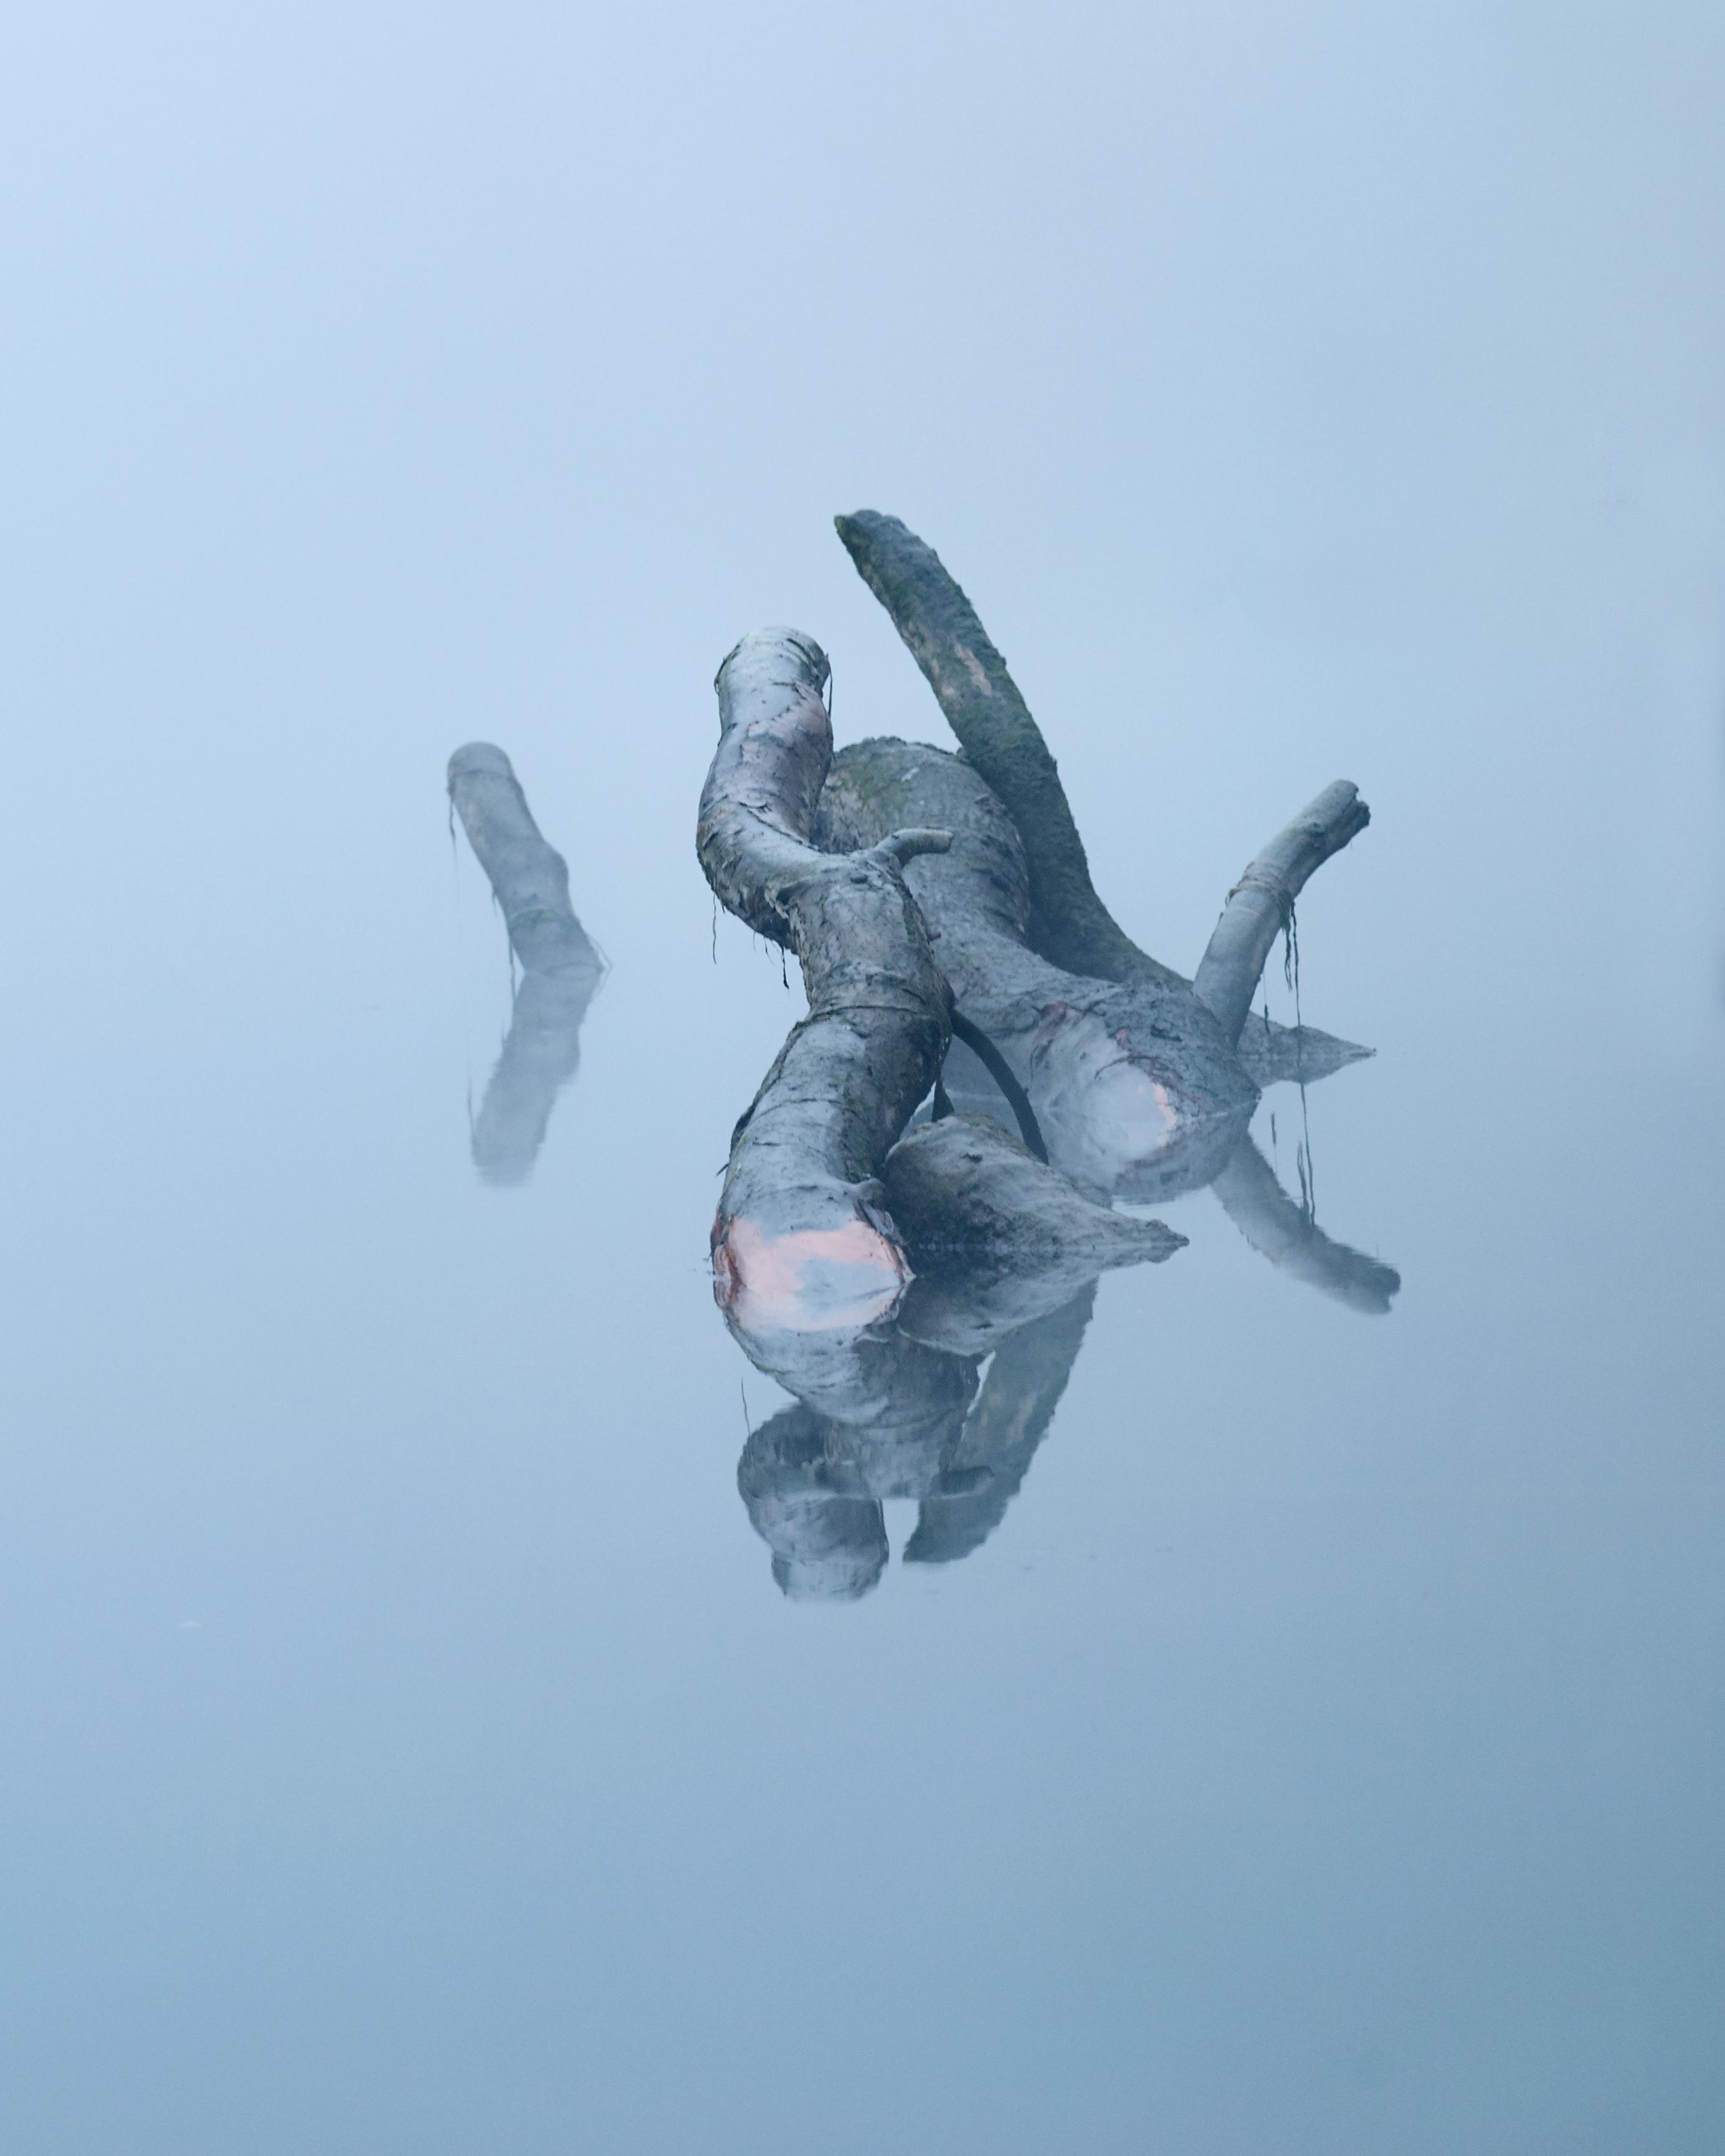 Adda con nebbia e tronchi semiemersi_20